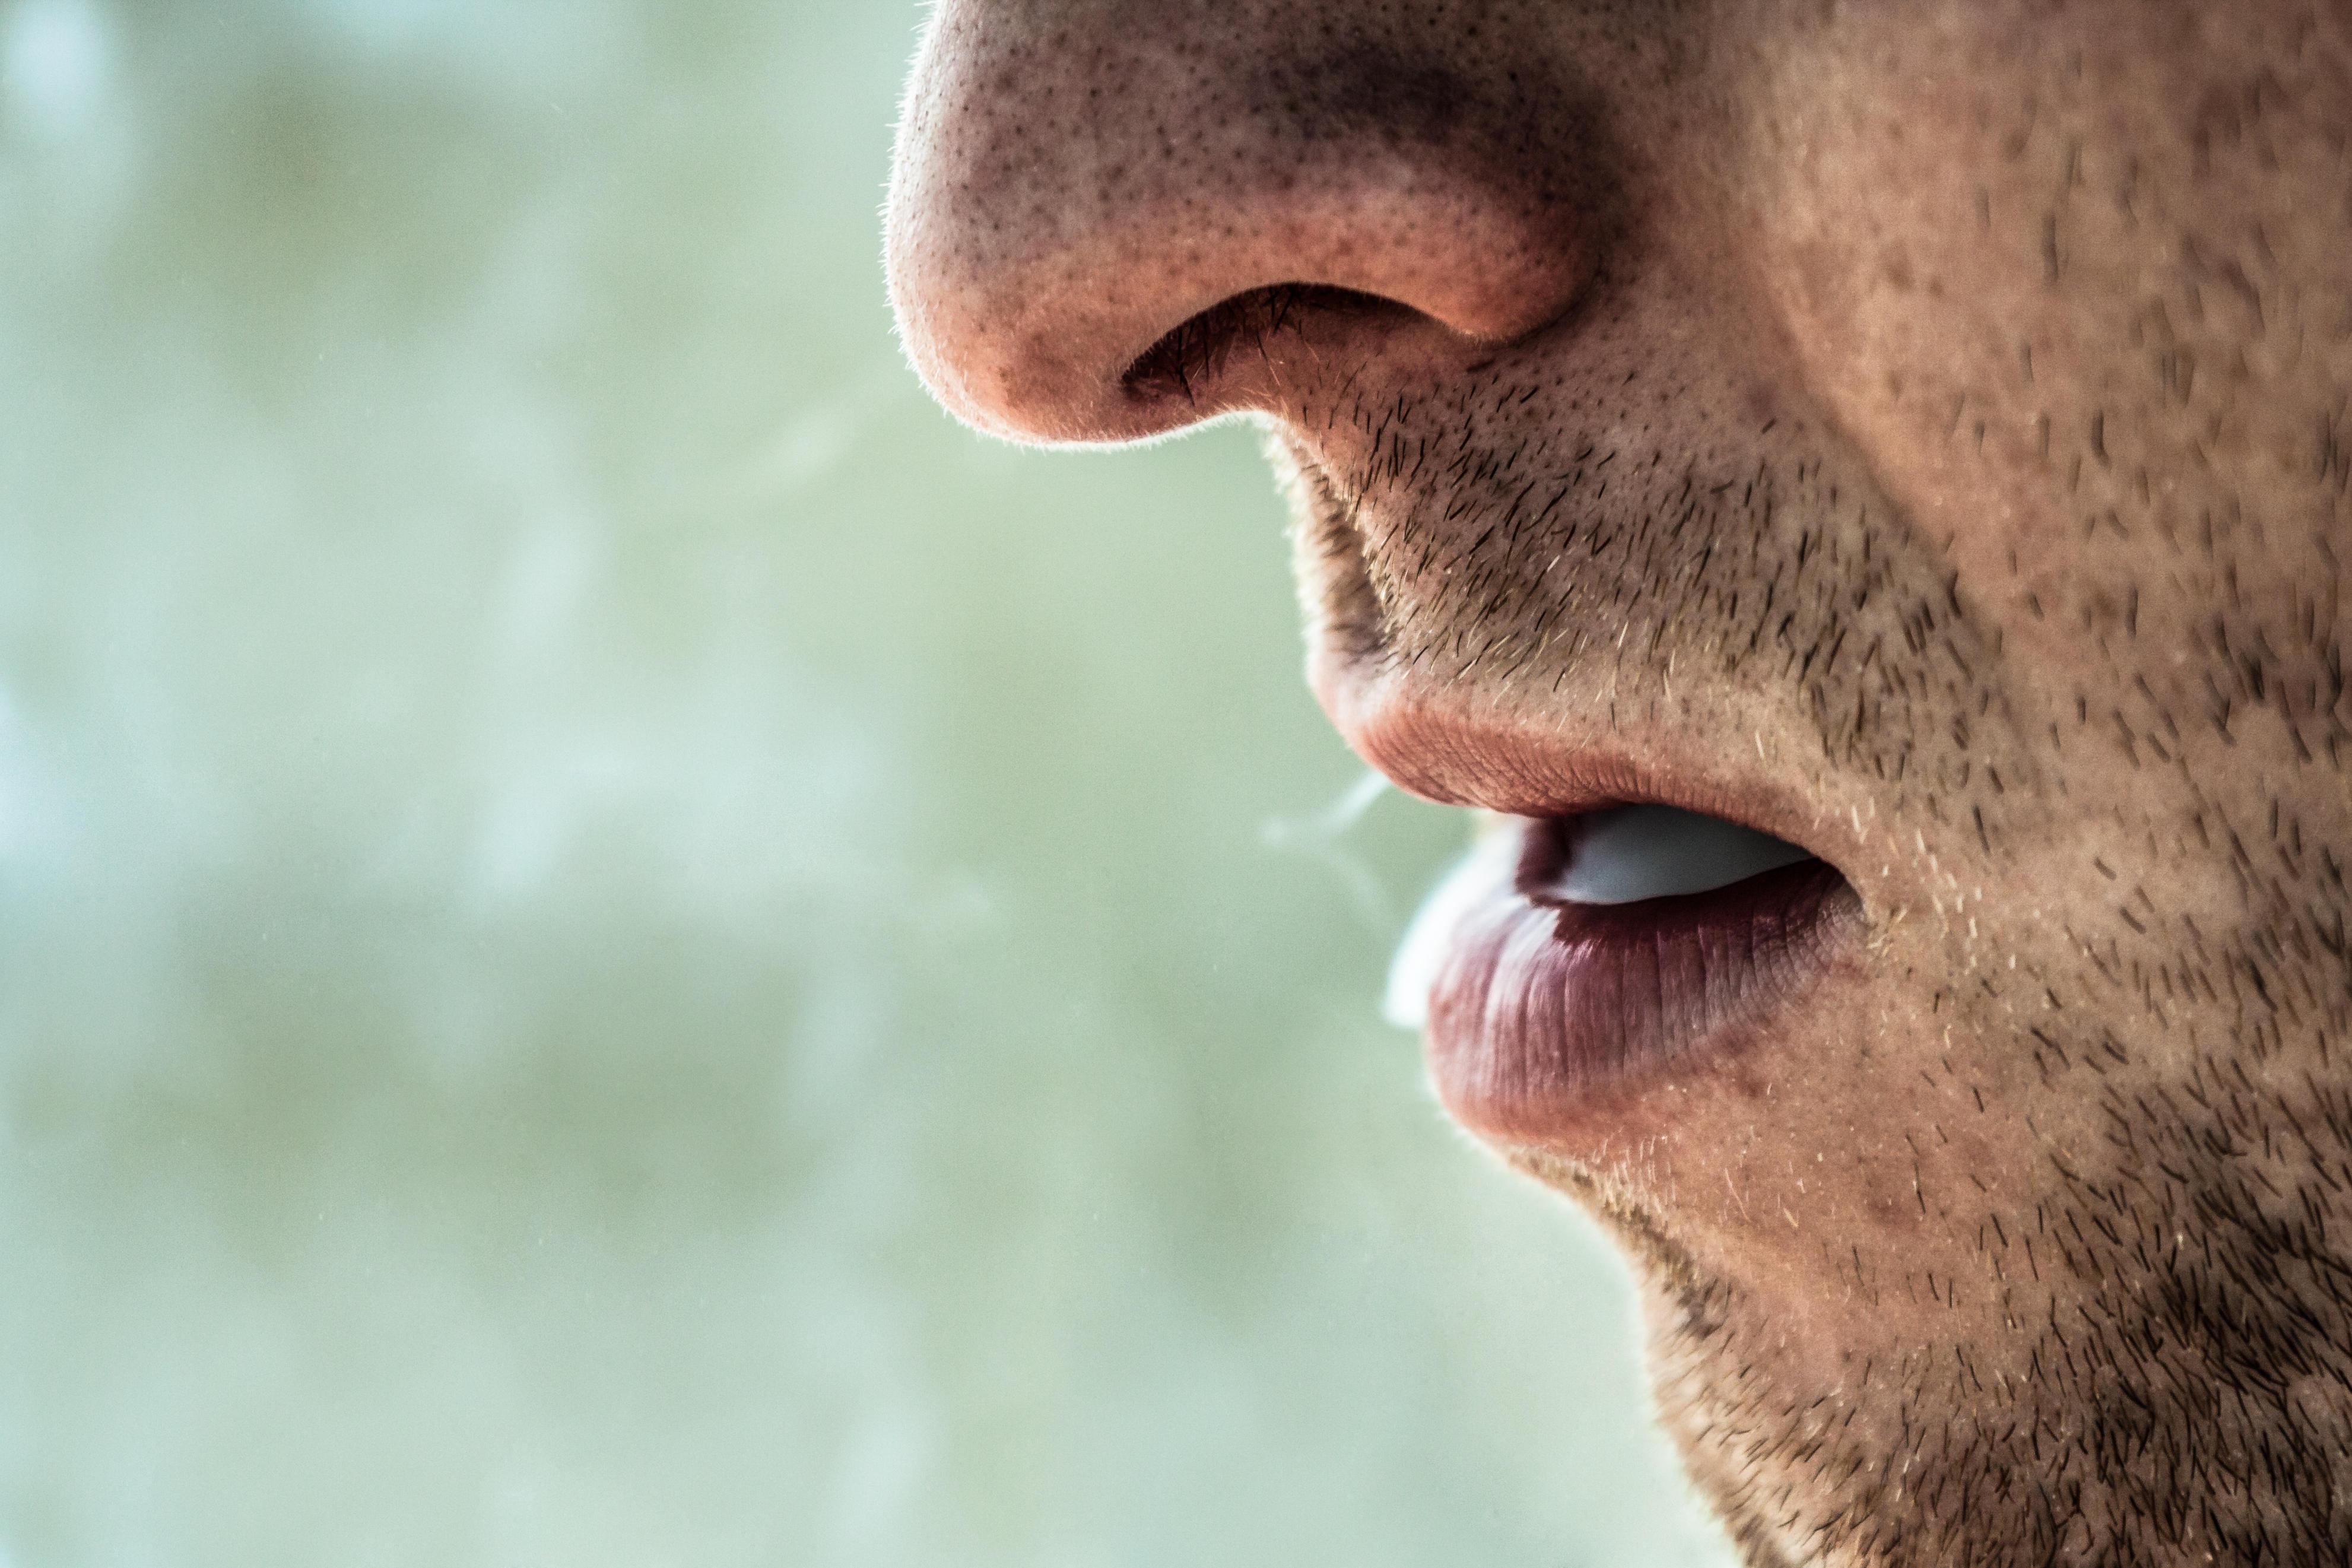 Reife Raucher zeigen ihre Füße